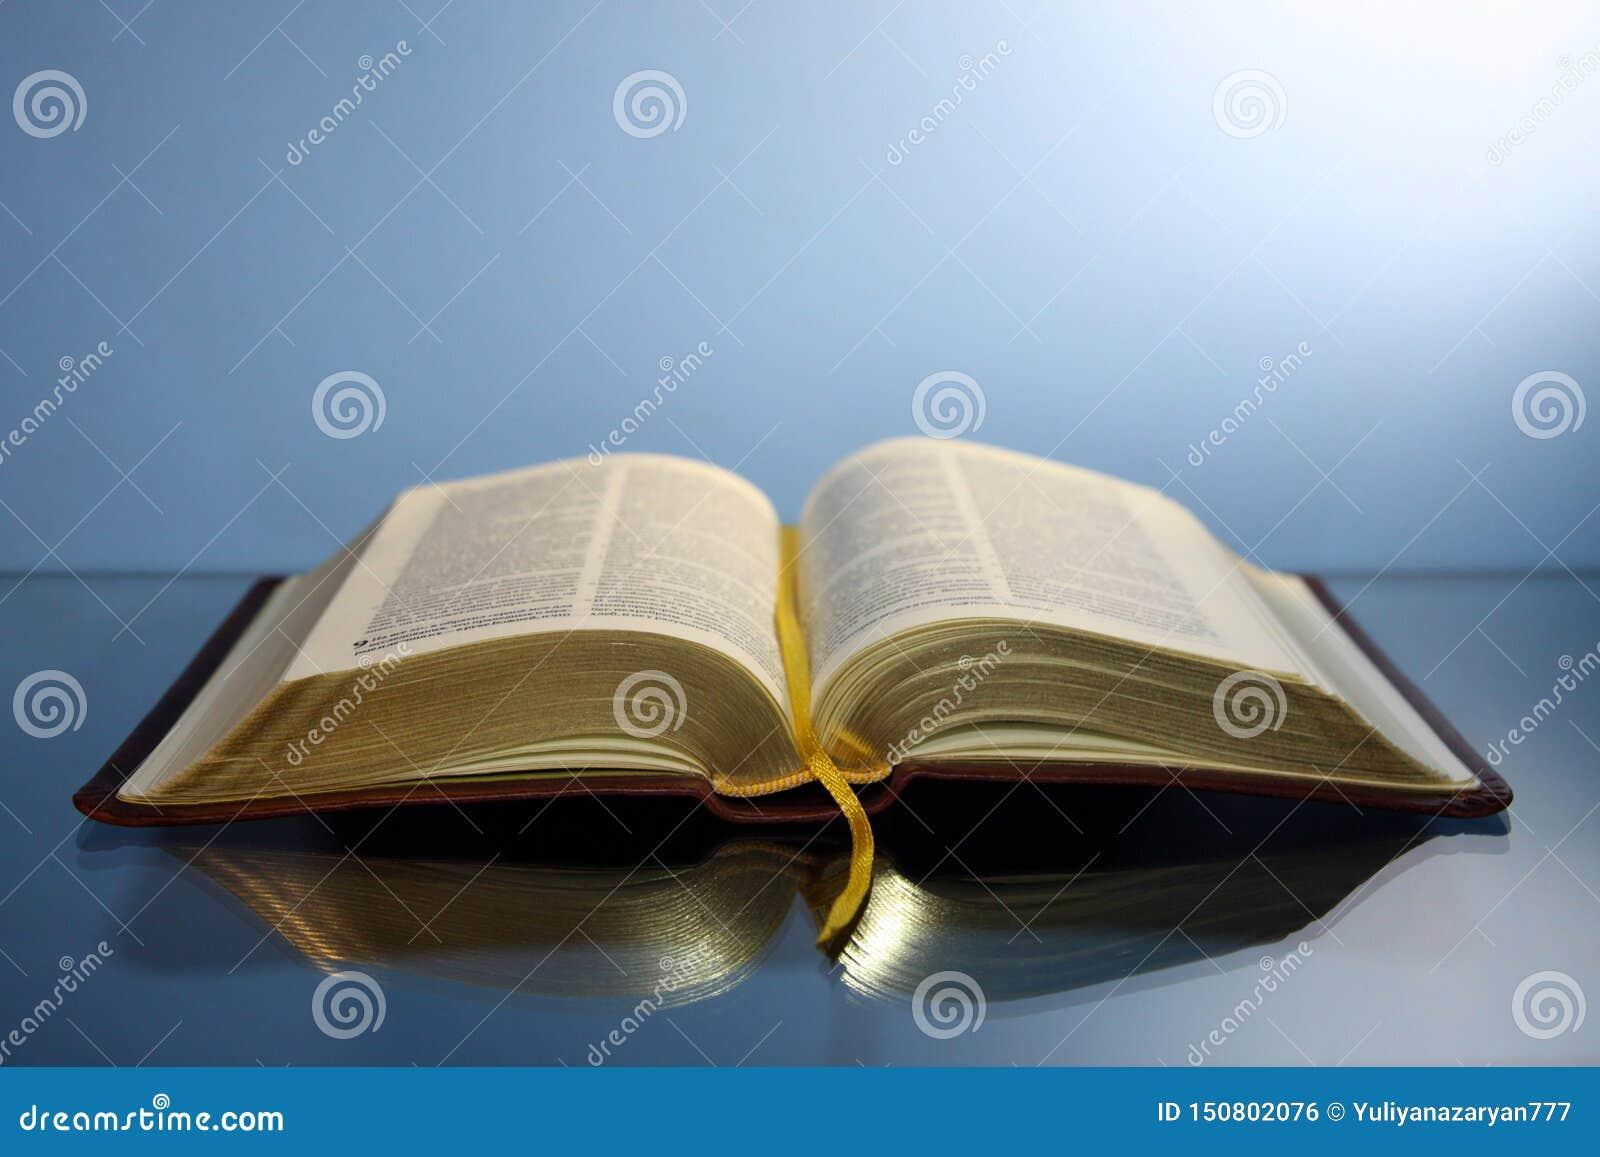 Biblia Abierta Con Las Letras Del Oro Con Una Cubierta De Cuero Reflejada En Una Tabla De Cristal Foto De Archivo Imagen De Cristal Cubierta 150802076